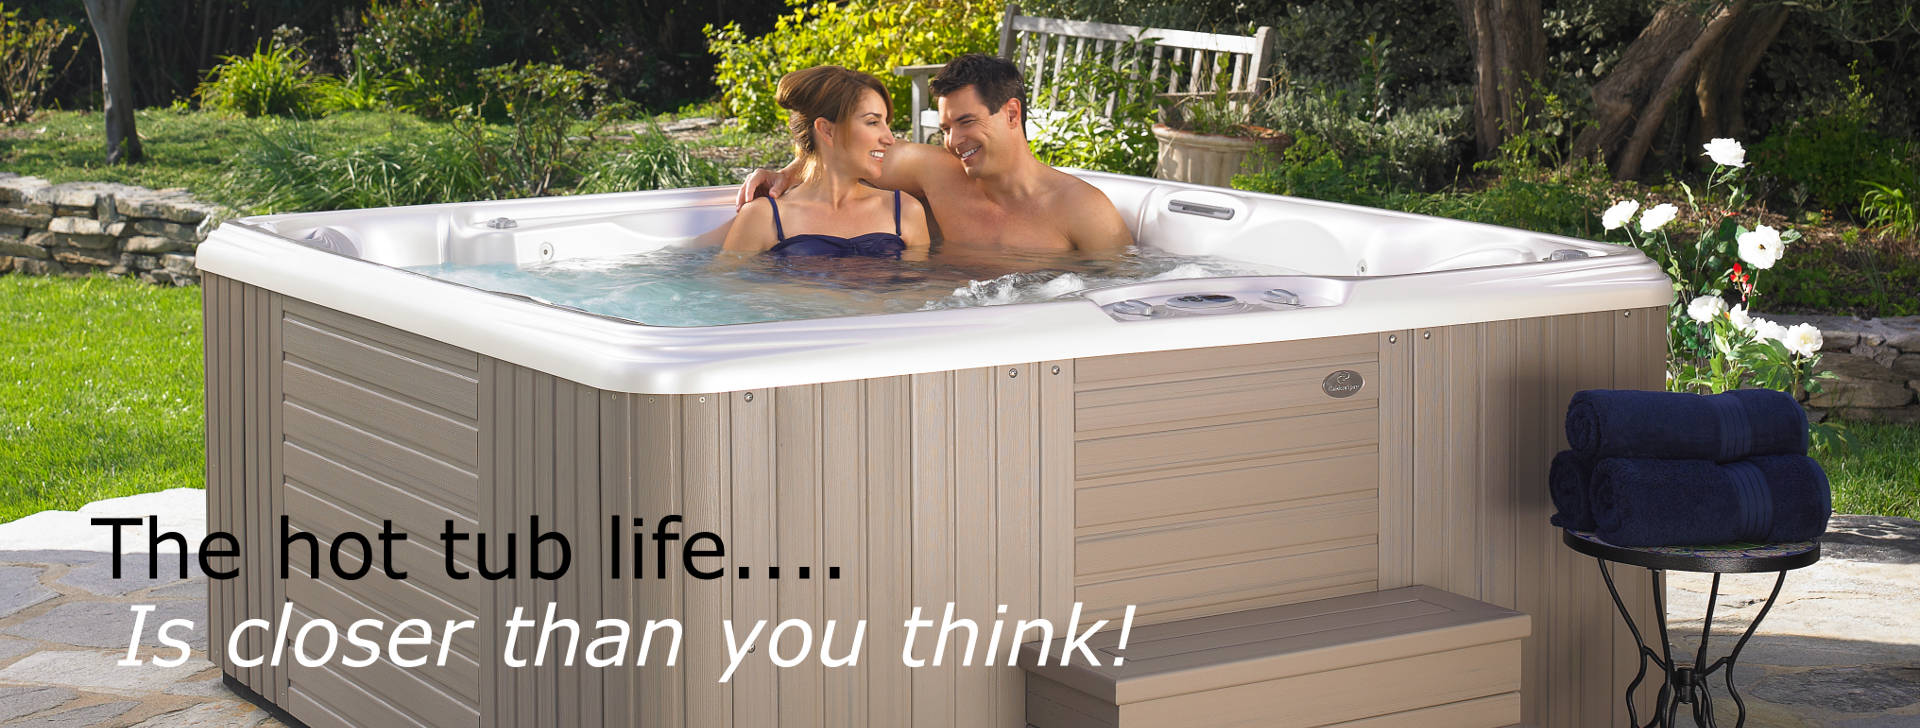 Caldera Vacanza Series Hot Tubs MA and NH